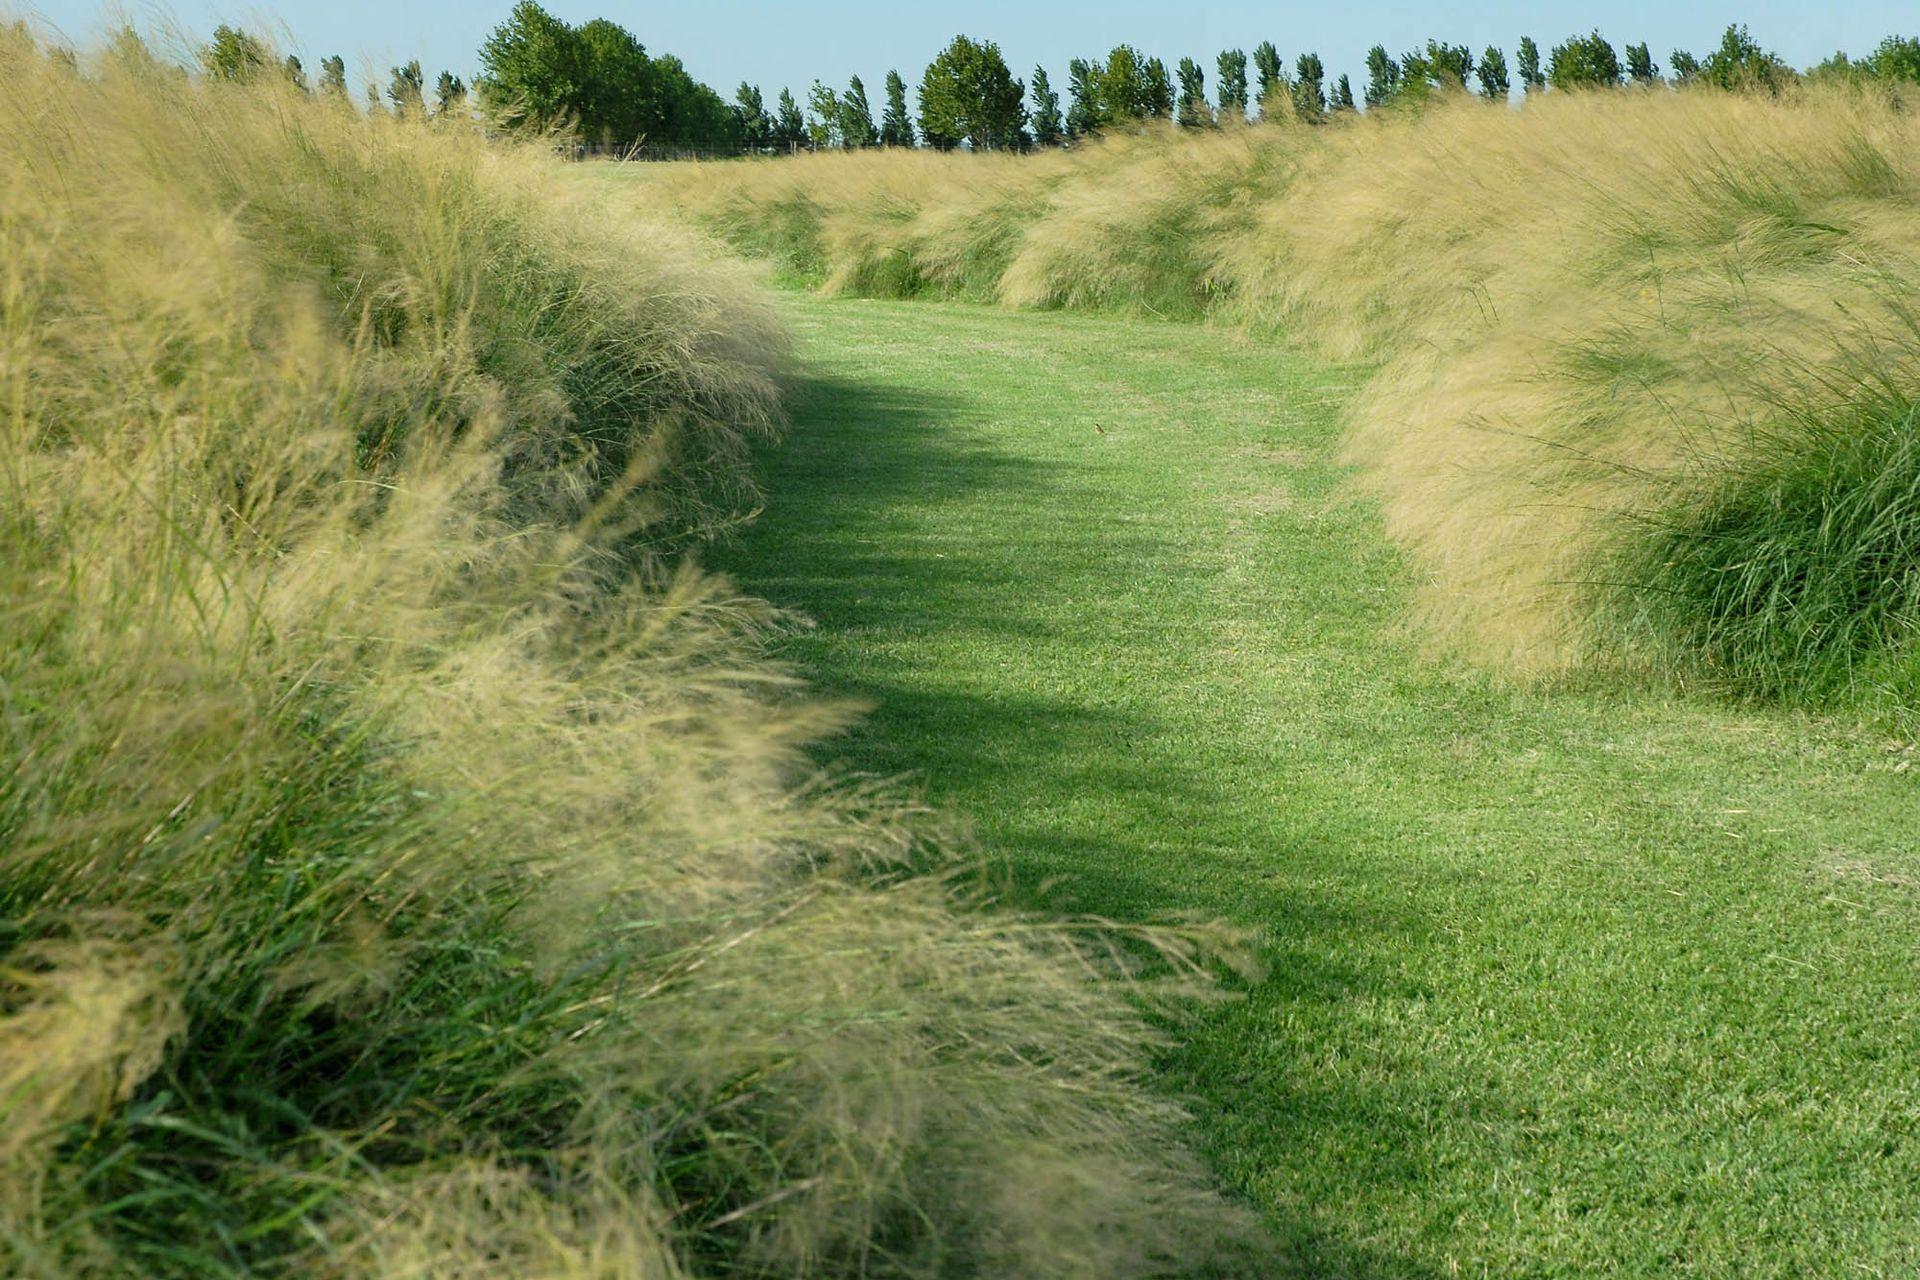 Eragrostis curvula (pasto llorón). Esta especie es una gramínea perenne de fácil cultivo. Puede llegar a ser muy invasiva si no se la controla. Se utiliza para fijar suelos; resiste las bajas temperaturas.